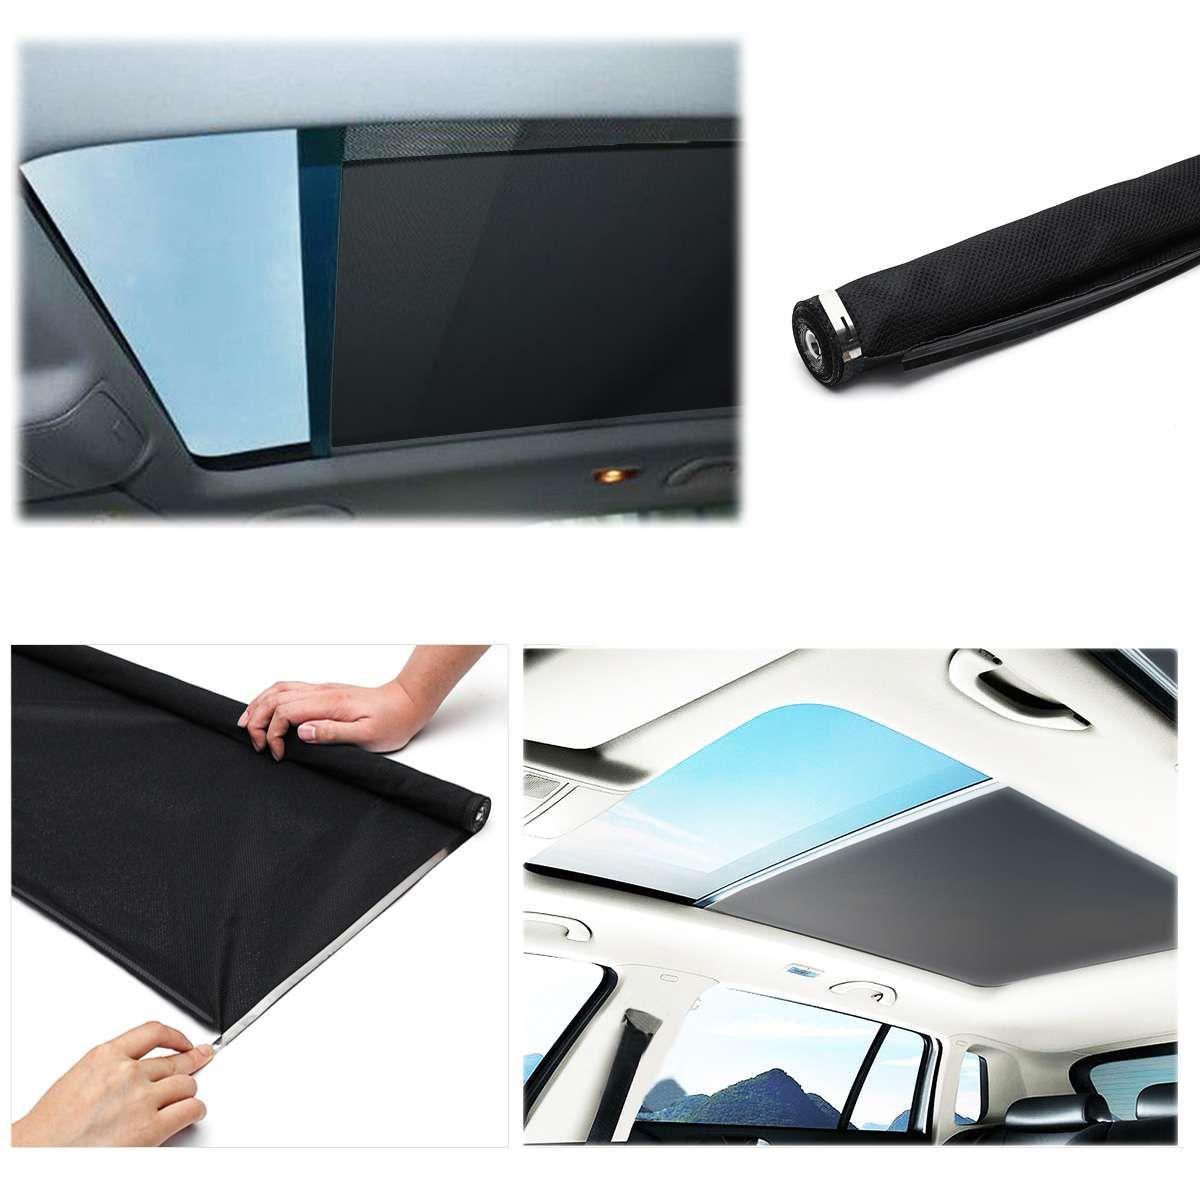 Schwarz Dachfenster shutter Schiebedach sonnenschirm vorhang Für Audi Q5 für VW Sharan stil Tiguan